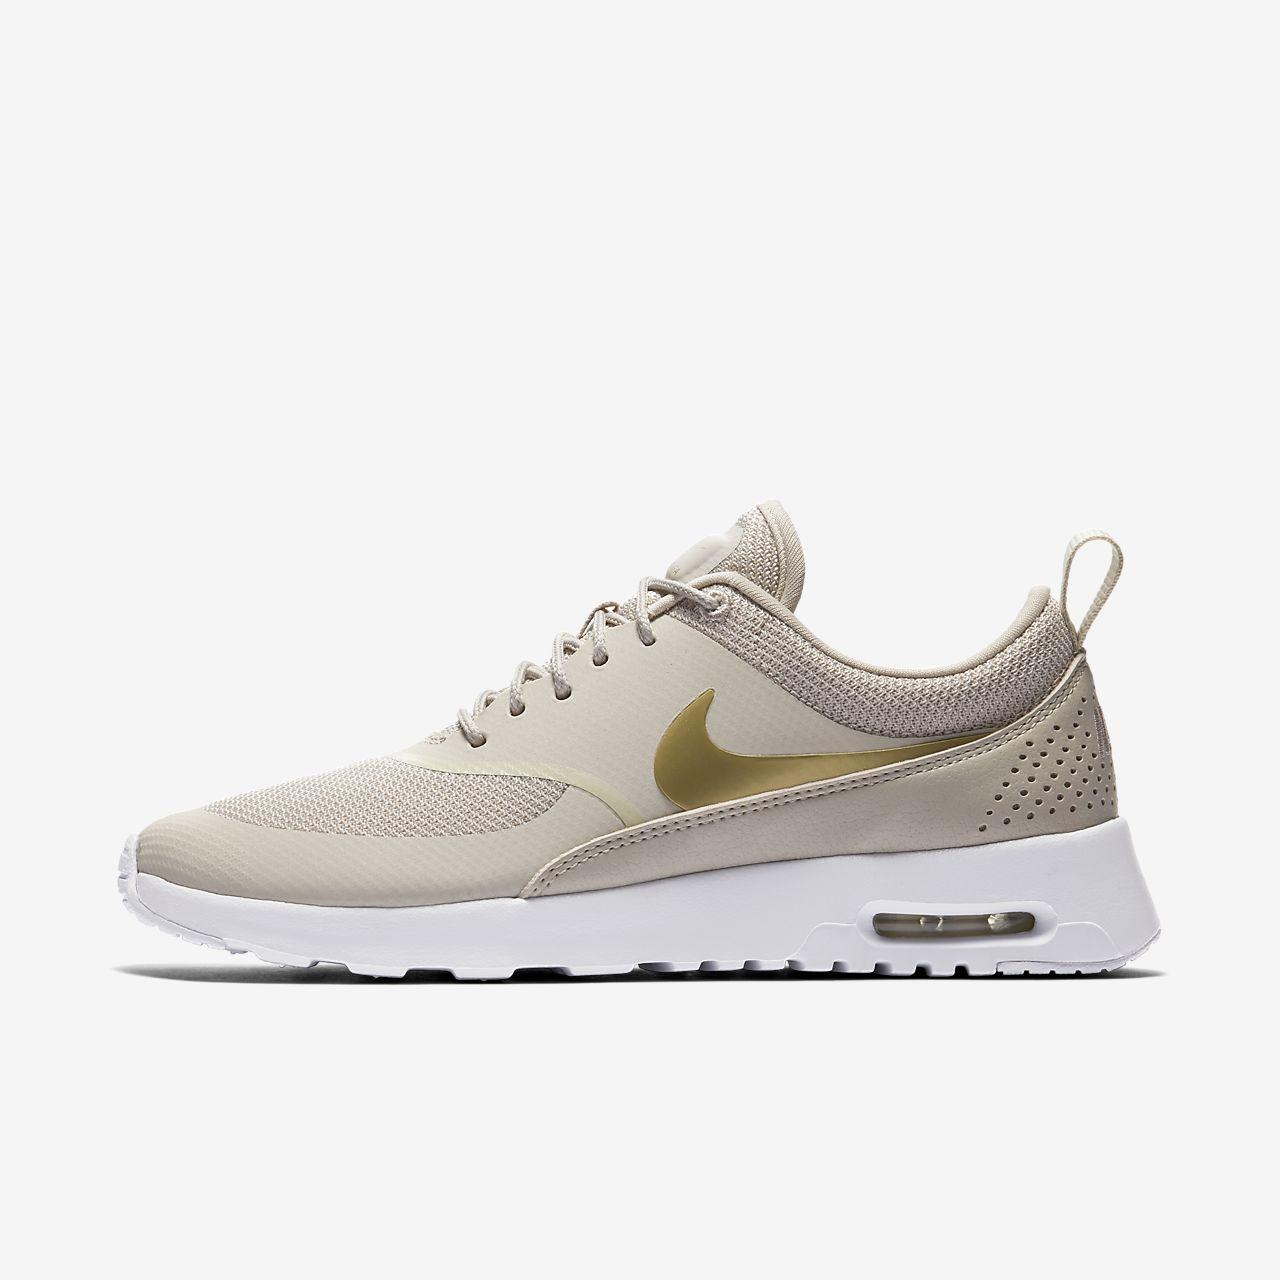 Wmns Nike Air Max Thea - Chaussures De Sport Pour Les Hommes / Blanc Nike RkWOjvT